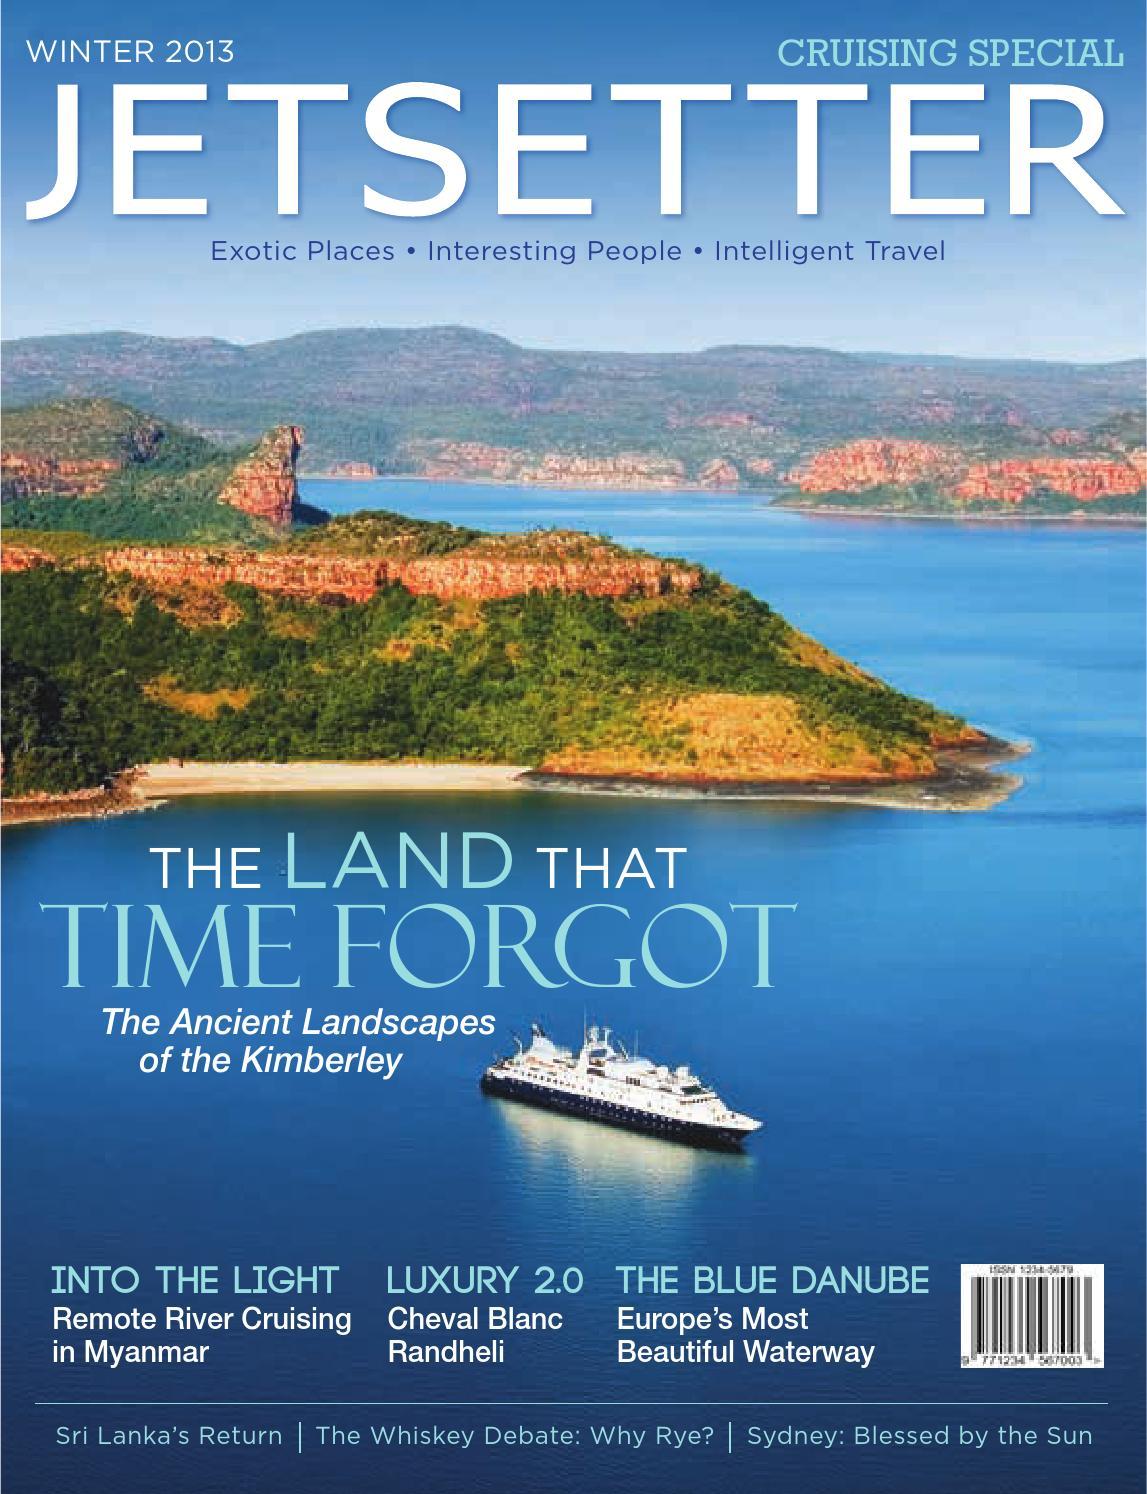 Jetsetter Winter 2013 by Jetsetter - issuu